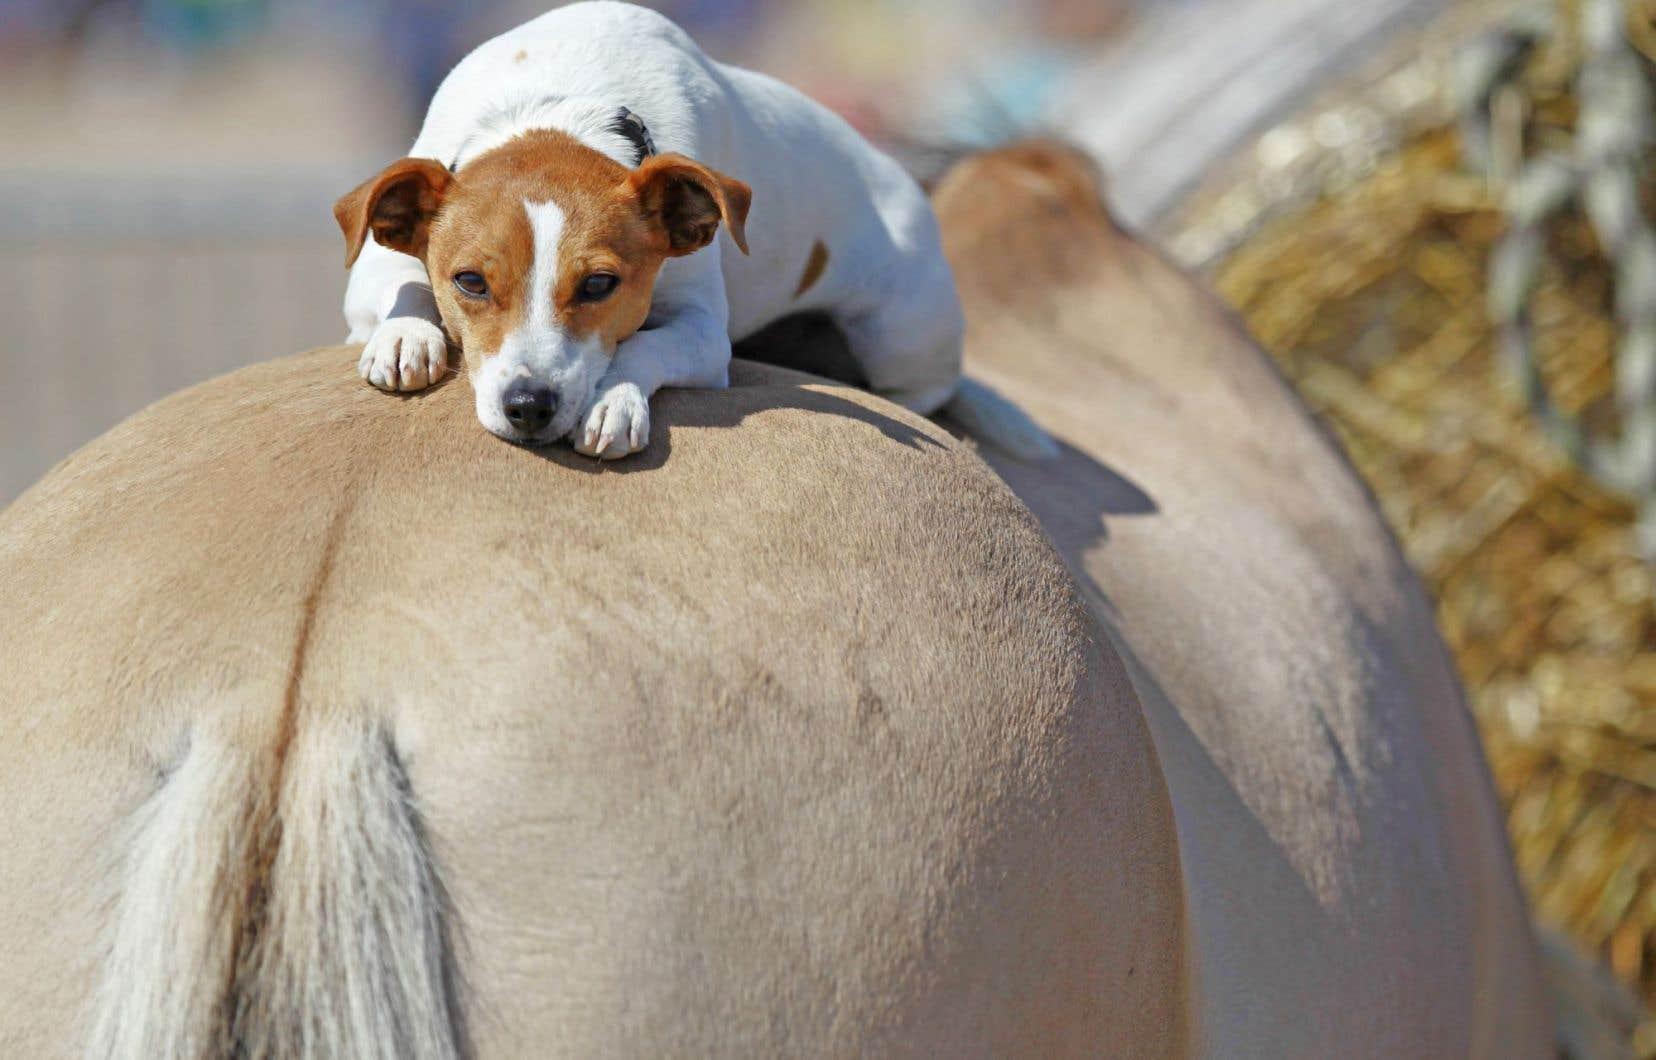 La domestication du cheval mobiliserait quelque 125 gènes expliquant les adaptations physiologiques et cognitives survenues chez l'équidé au fil des siècles.